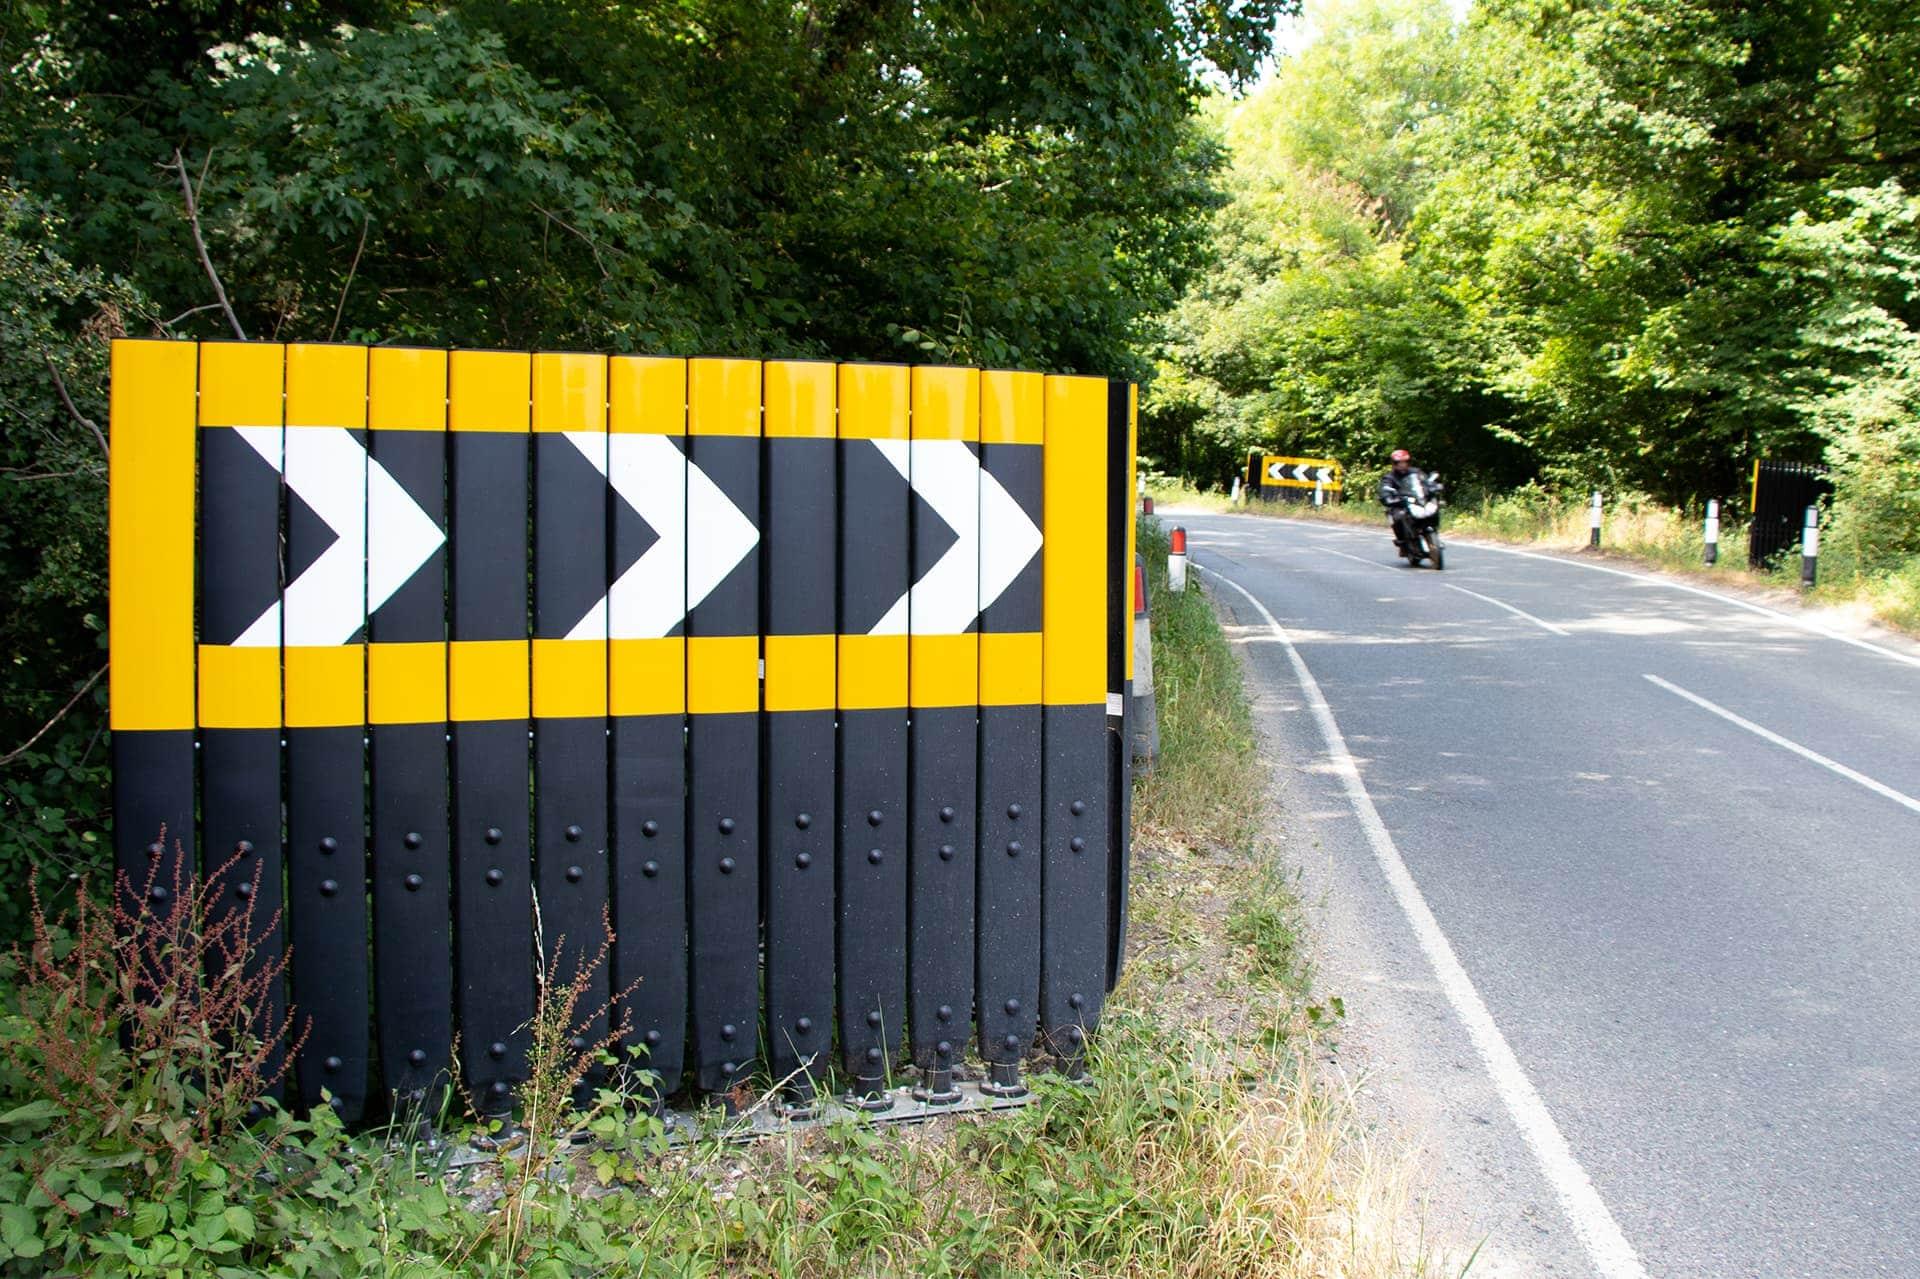 Motorcycle safe Evo Chev Traffic Chevron system